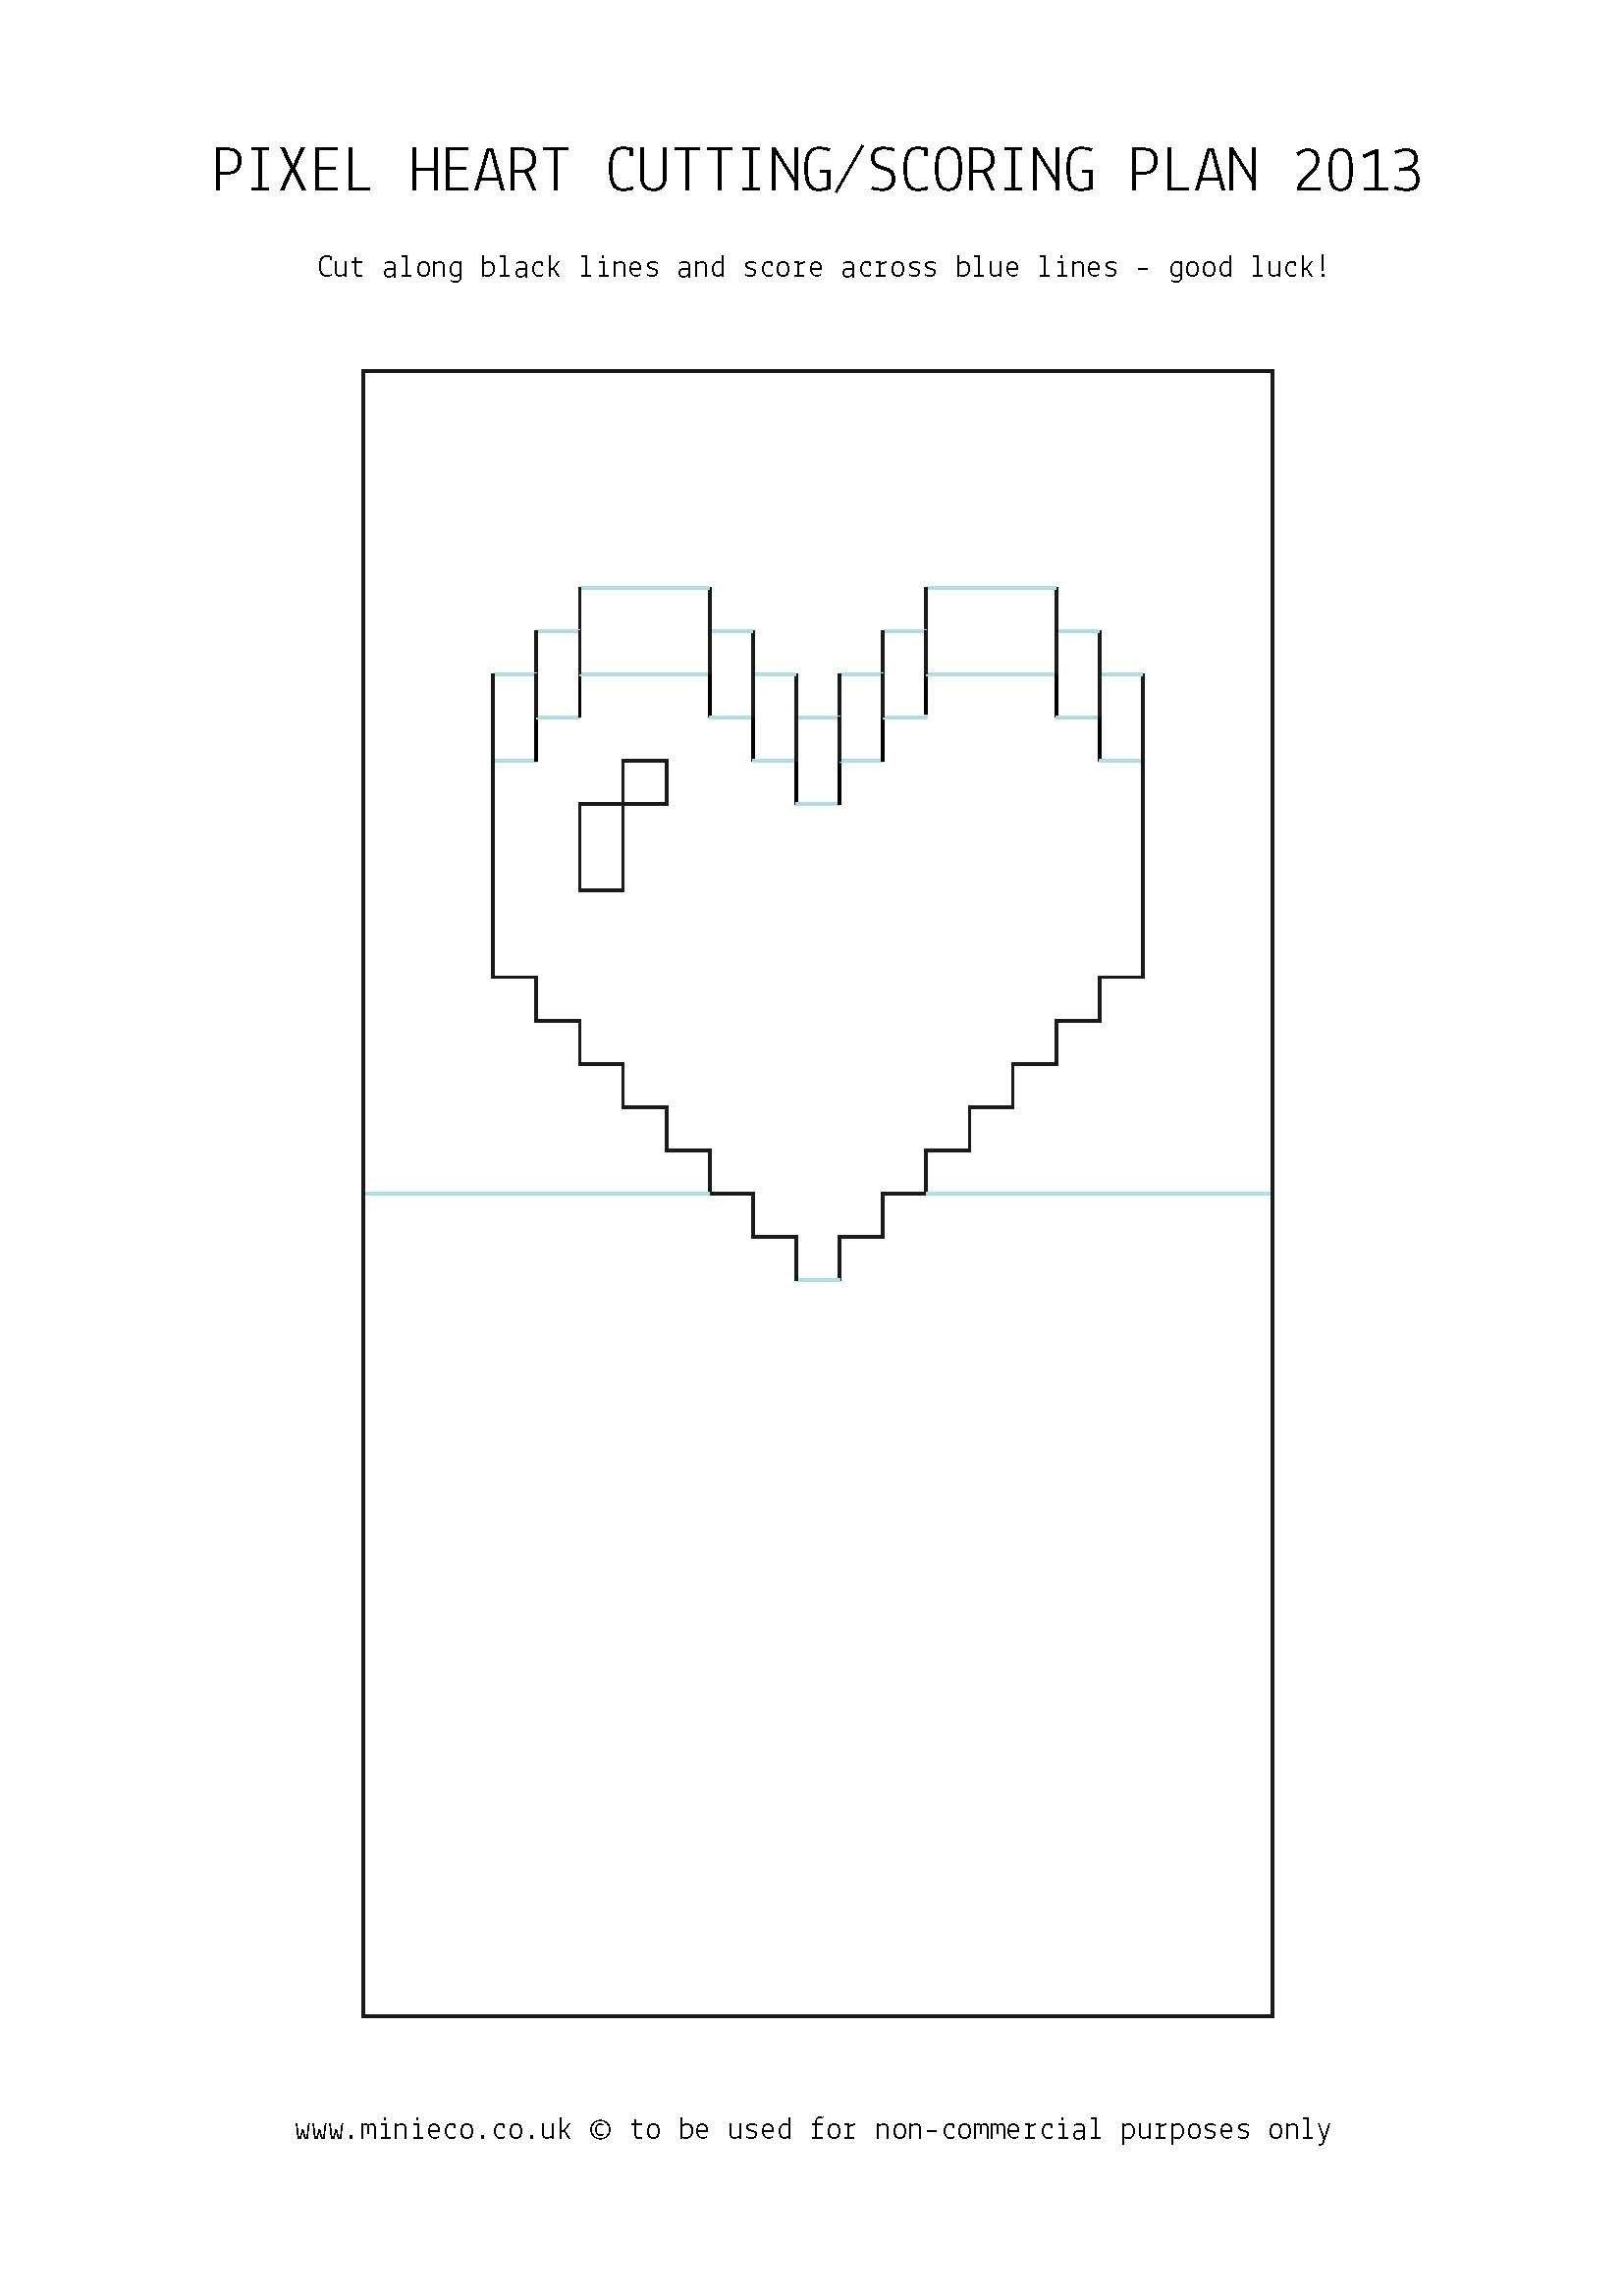 Pixel Heart Pop Up Card   Crafts  Pop Up Card Templates Pop Up In Pixel Heart Pop Up Card Template